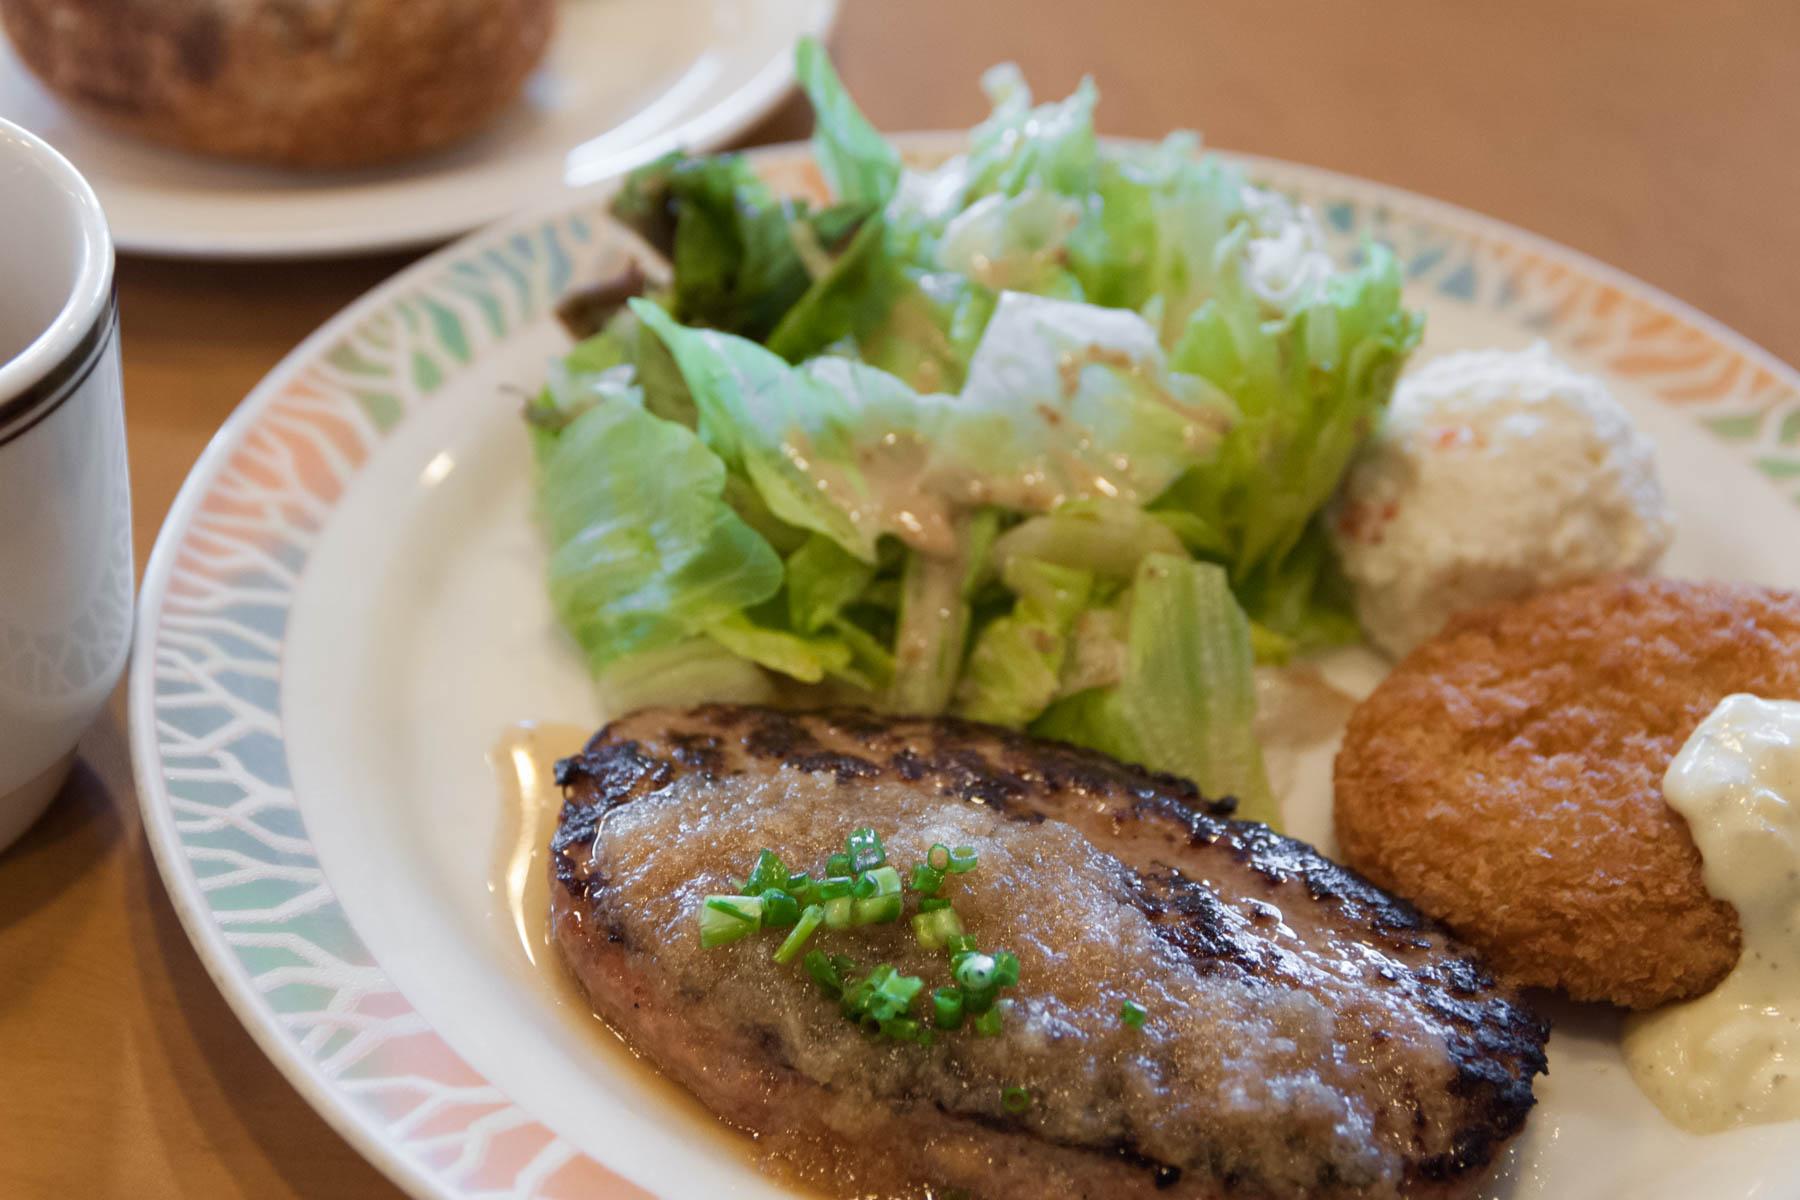 ココス千代田店(富山)の人生で2番目に美味しかったハンバーグ  撮影:NIKON D300 + TOKINA 16-50mm